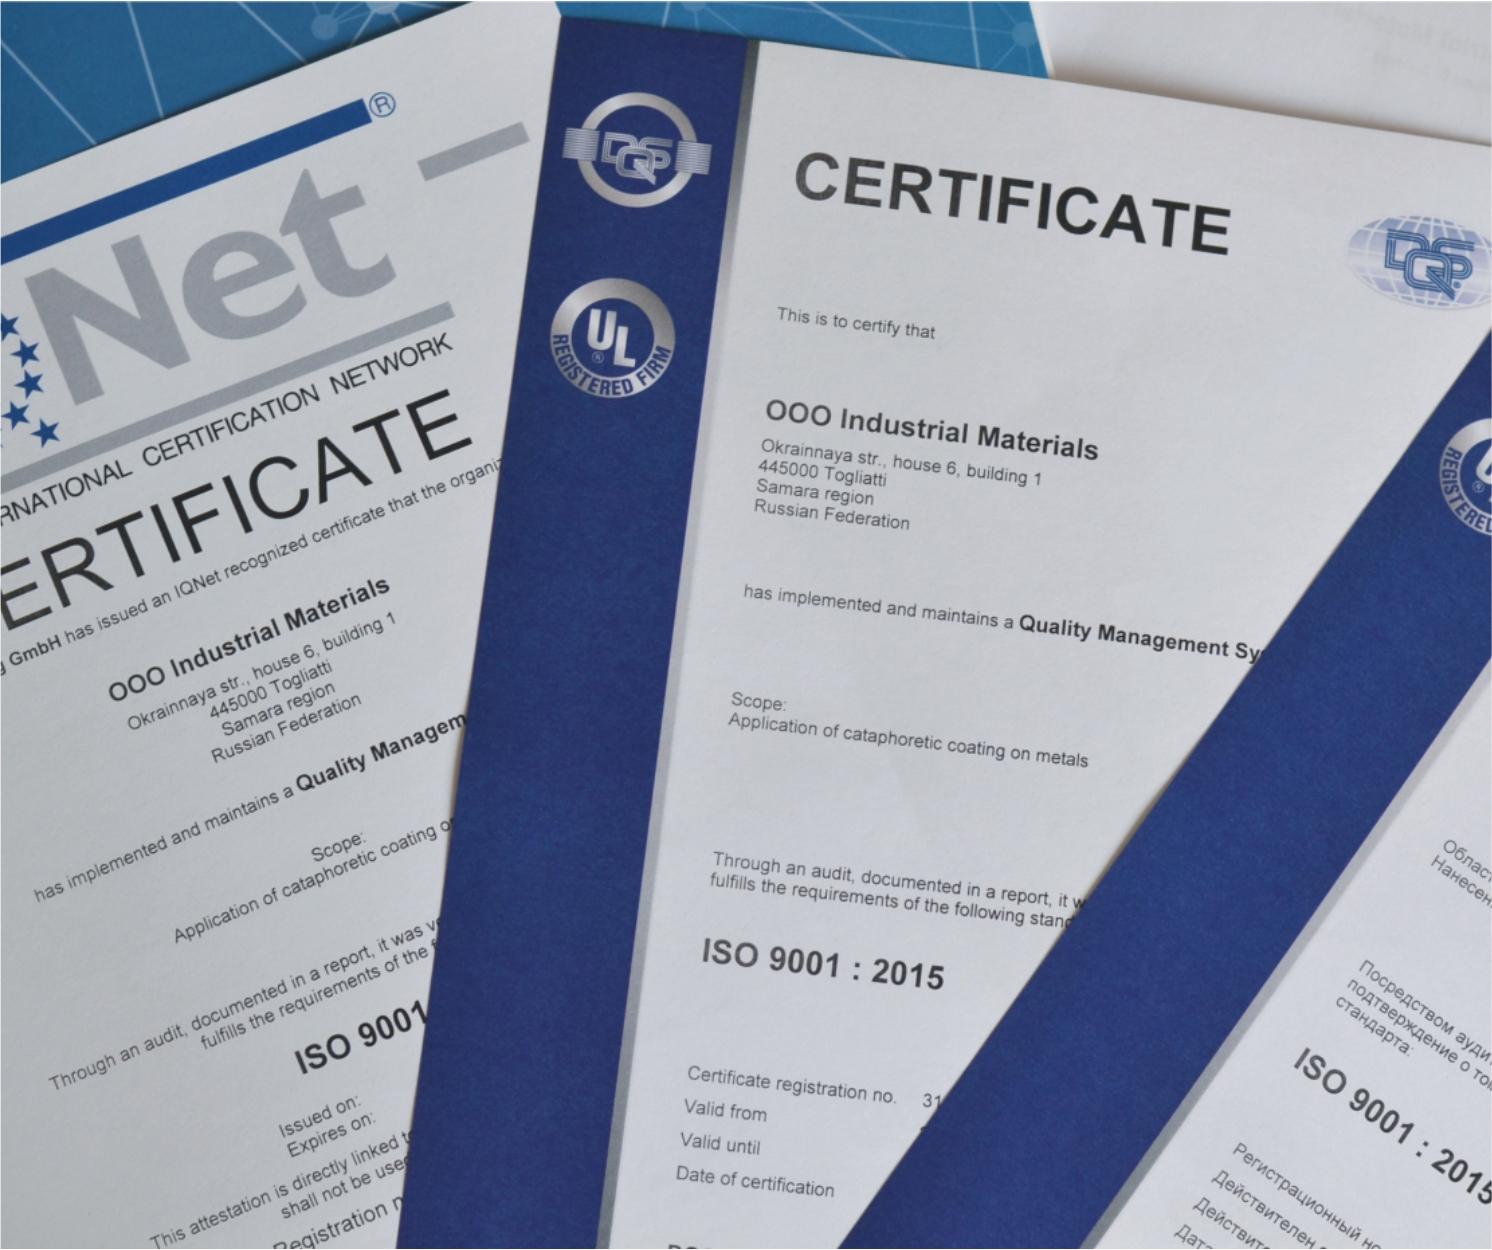 Сертификат ИСО 9001 можно применять на внутреннем и международном рынке.